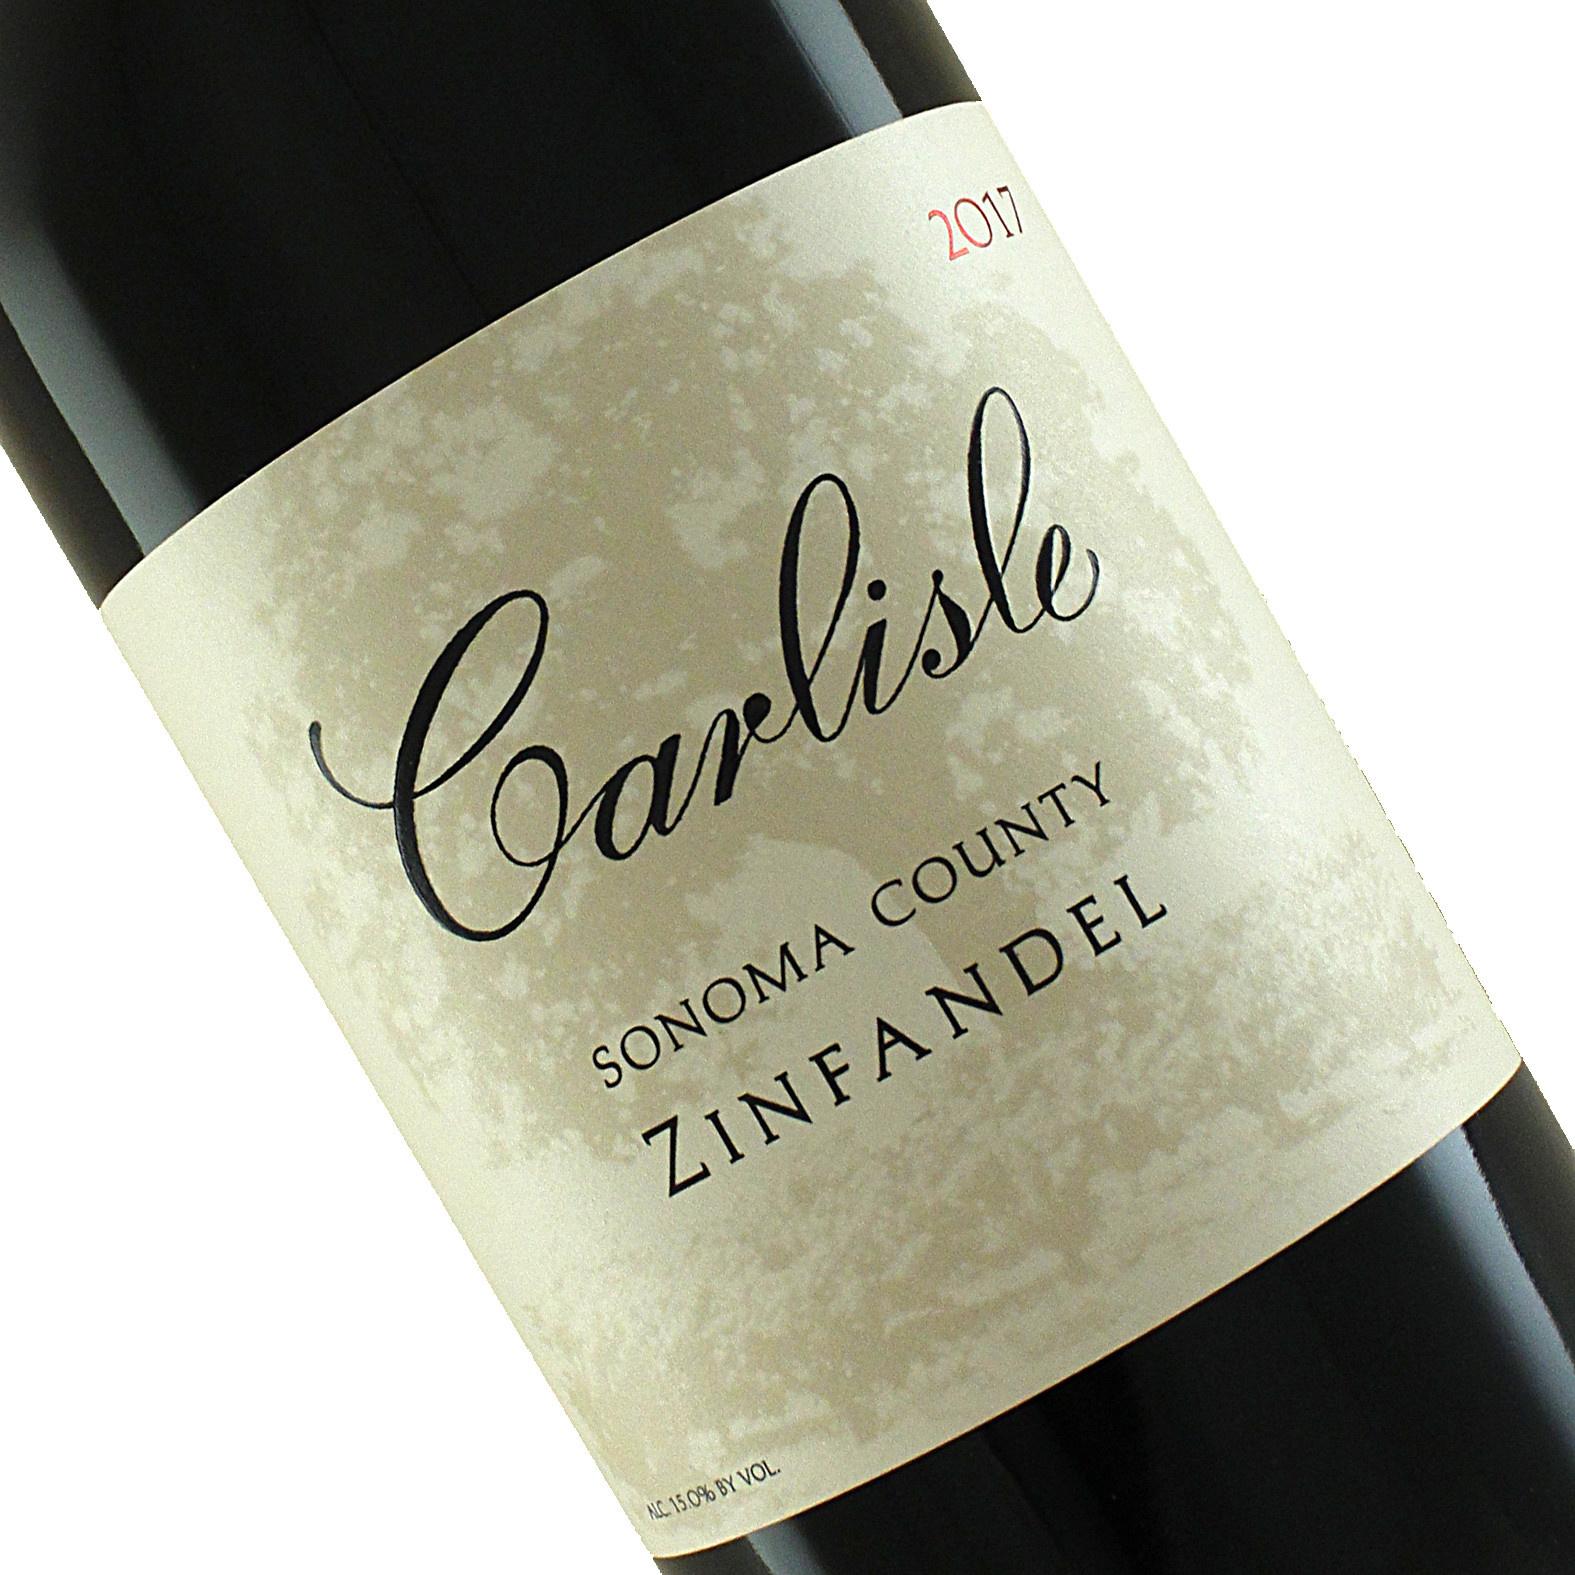 Carlisle 2017 Zinfandel, Sonoma County